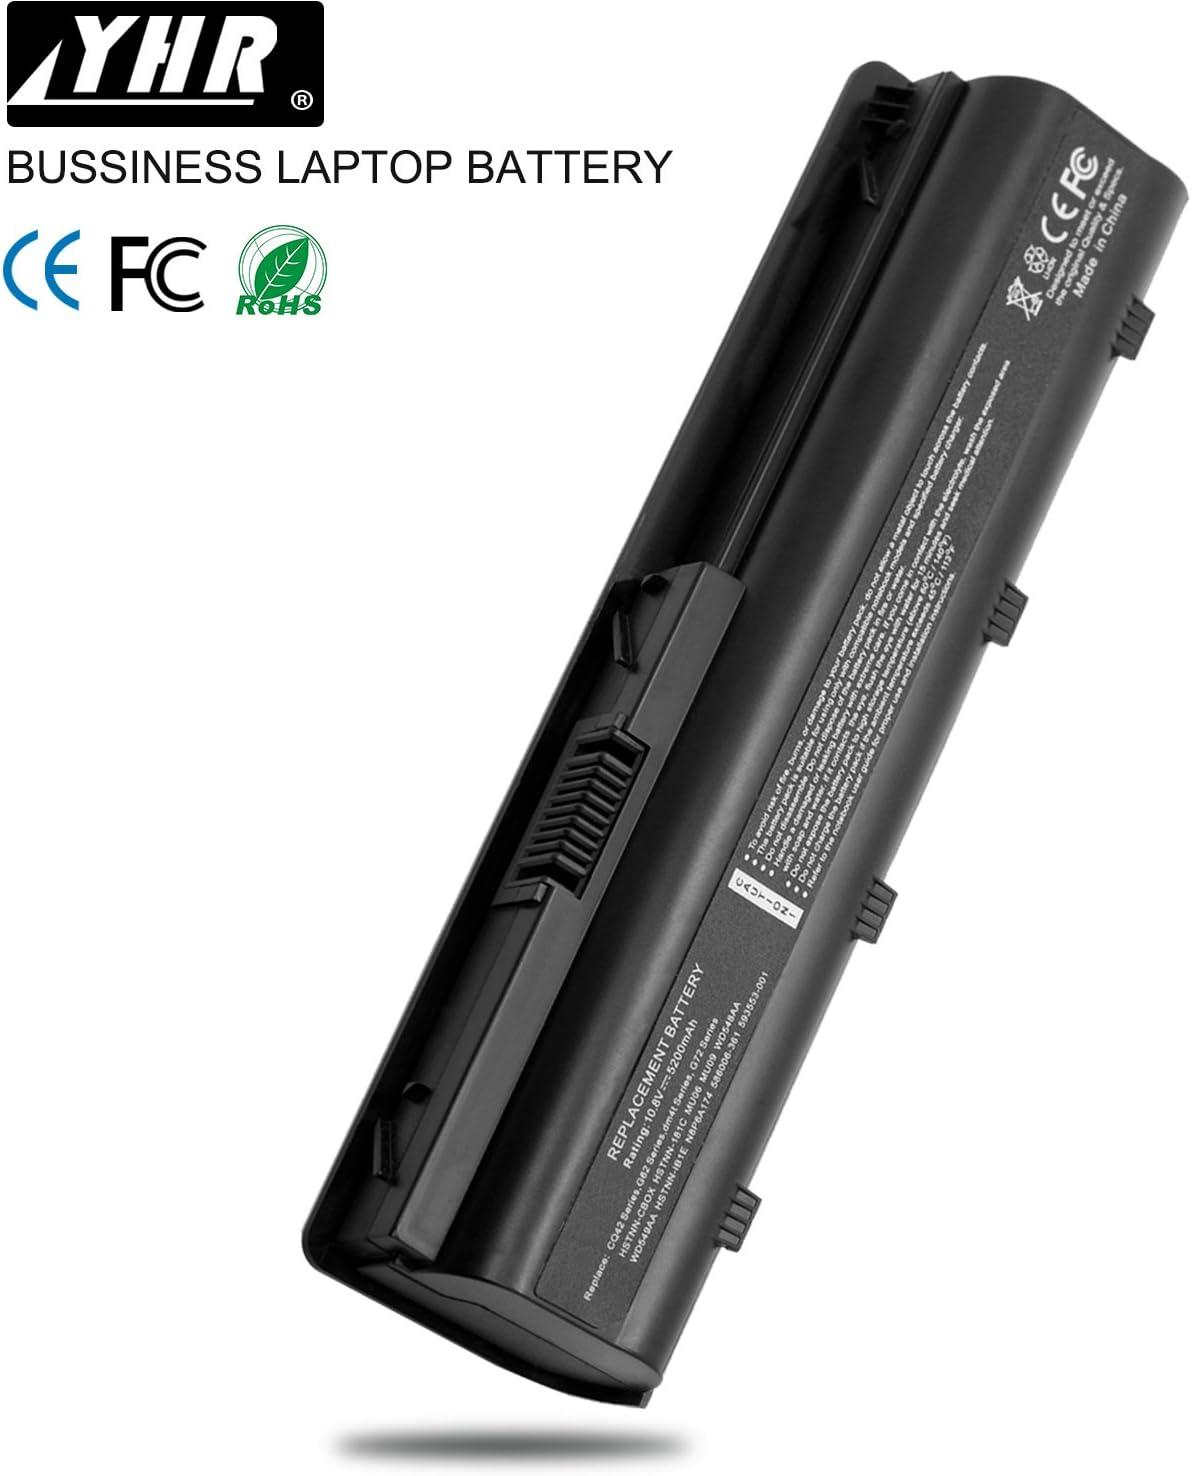 BATTERIA portatile per HP CQ42 G42 G4 MU06 MU09 593553-001 593554-001 NOTEBOOK 6 Cell